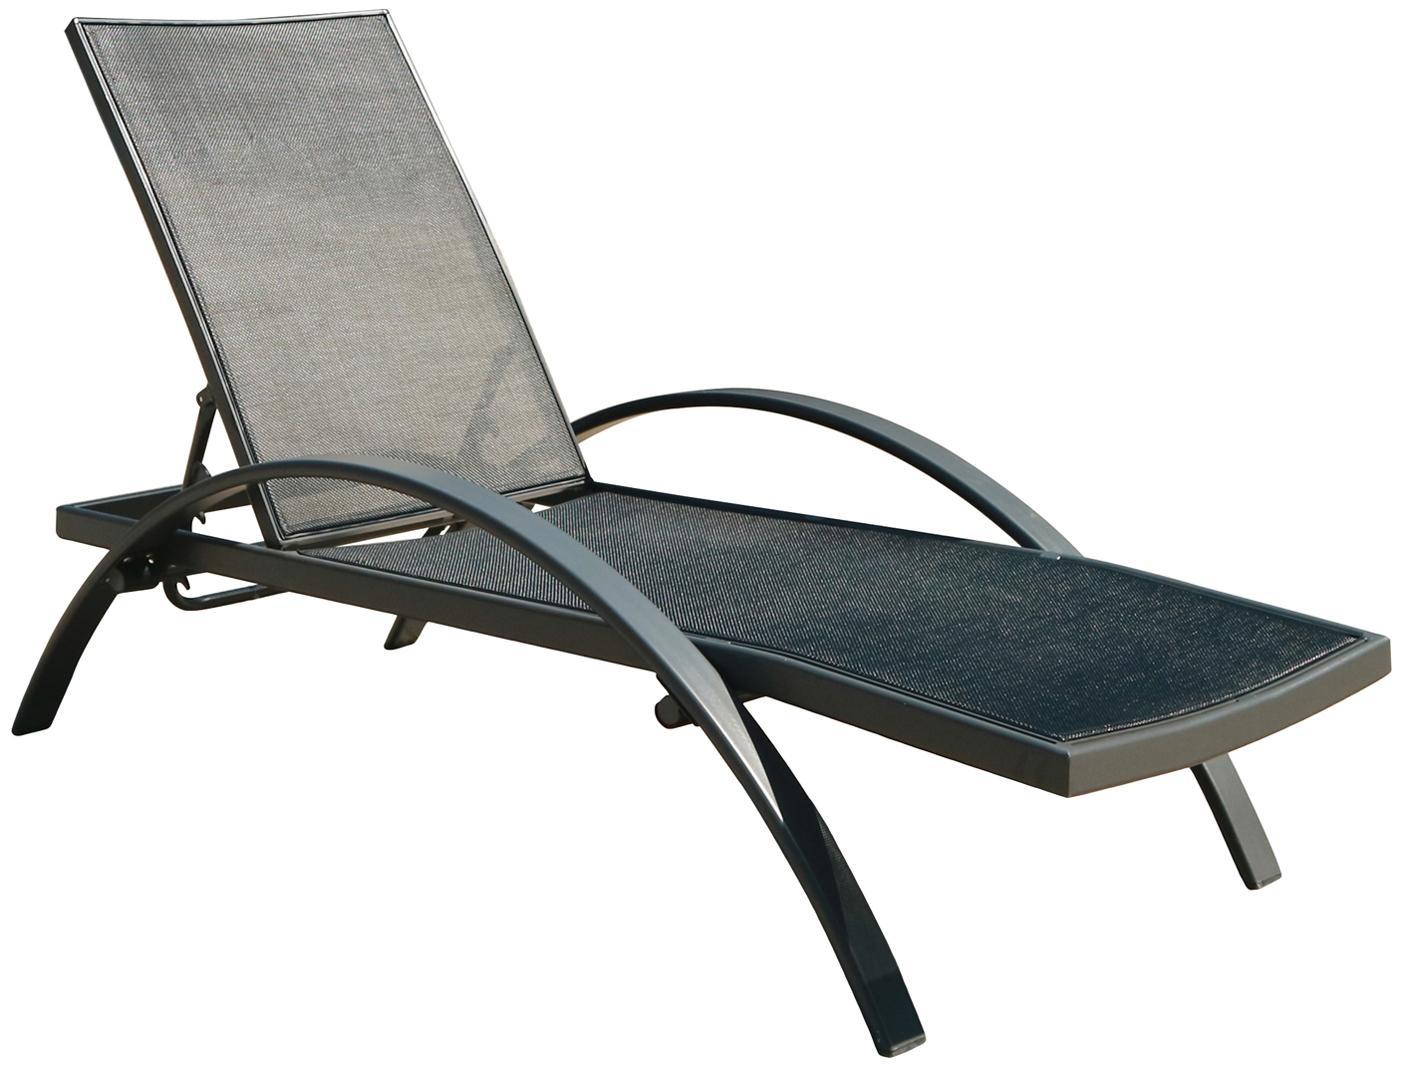 Tumbona de jardín Eddy, Estructura: aluminio, Superficie: Textilene, Gris antracita, negro, L 198 x An 65 cm